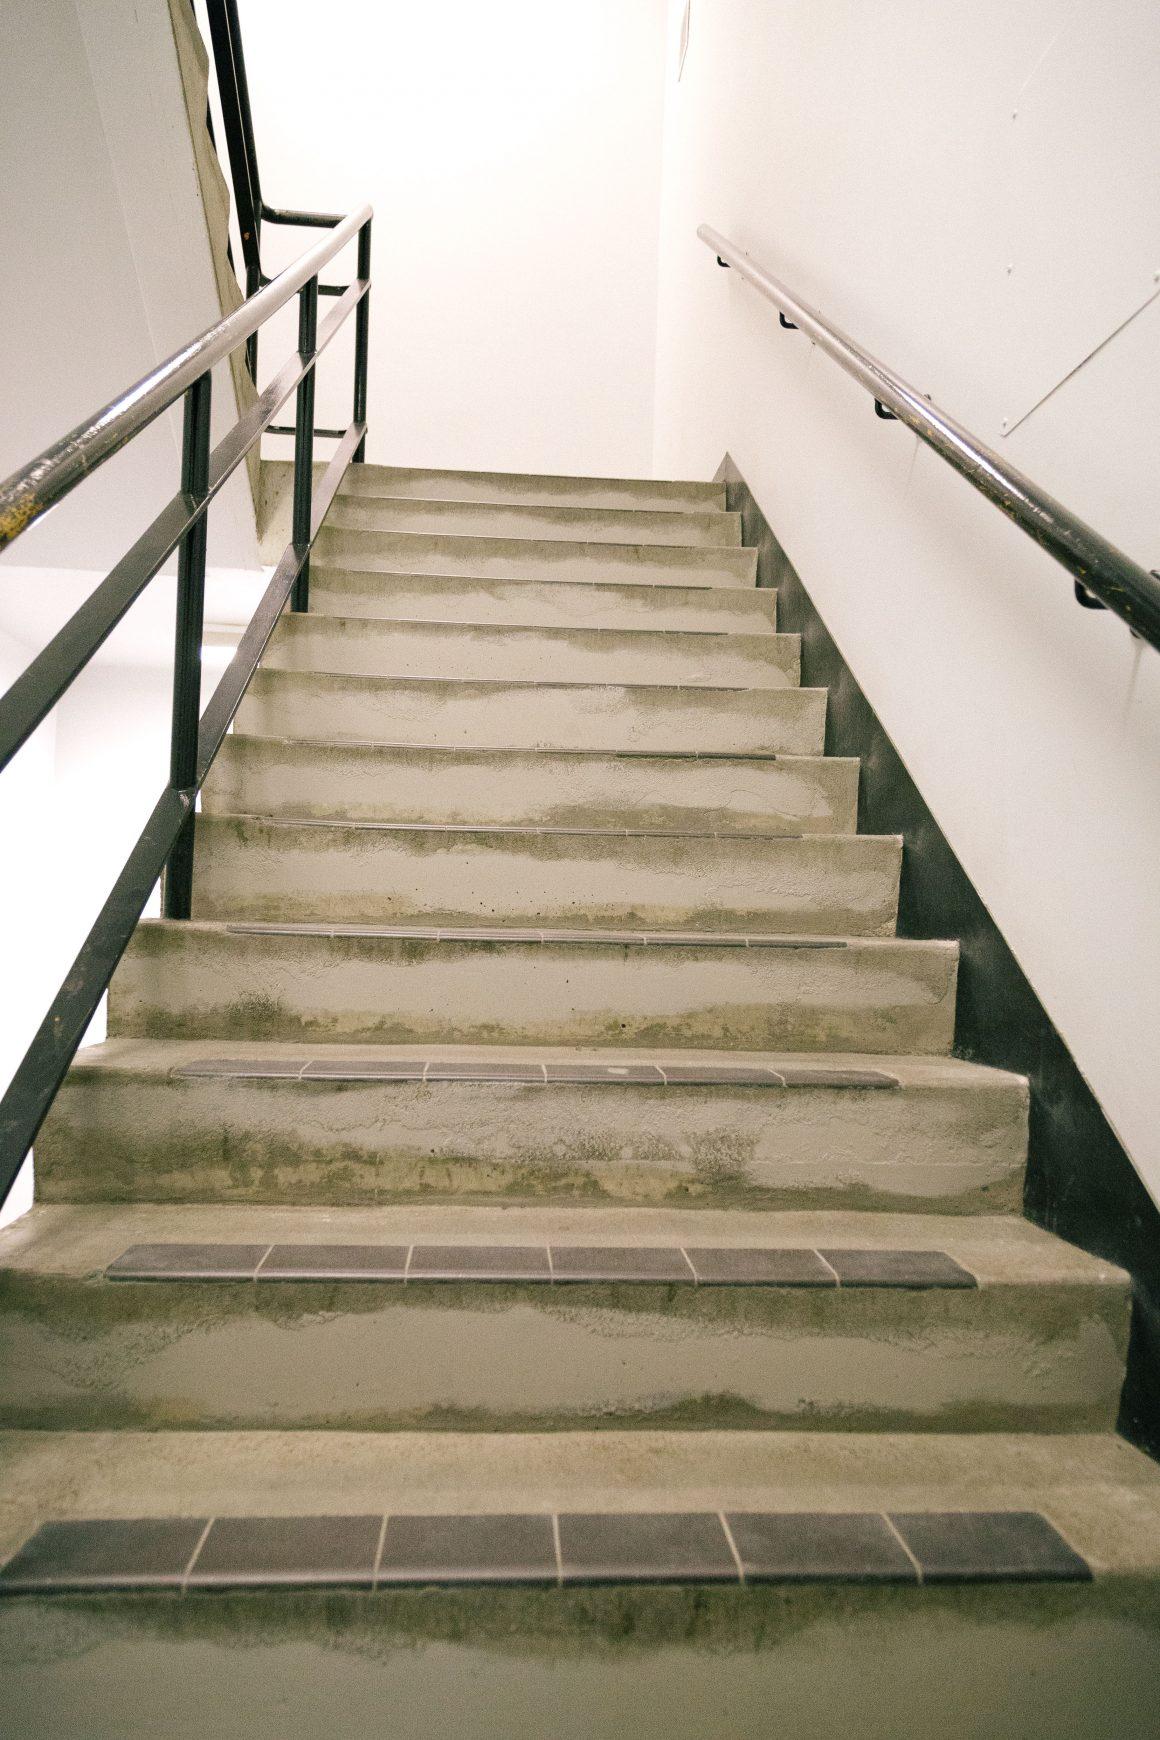 NEWS_Leo_Frog_Stairway_Mariah_Wilson-9805